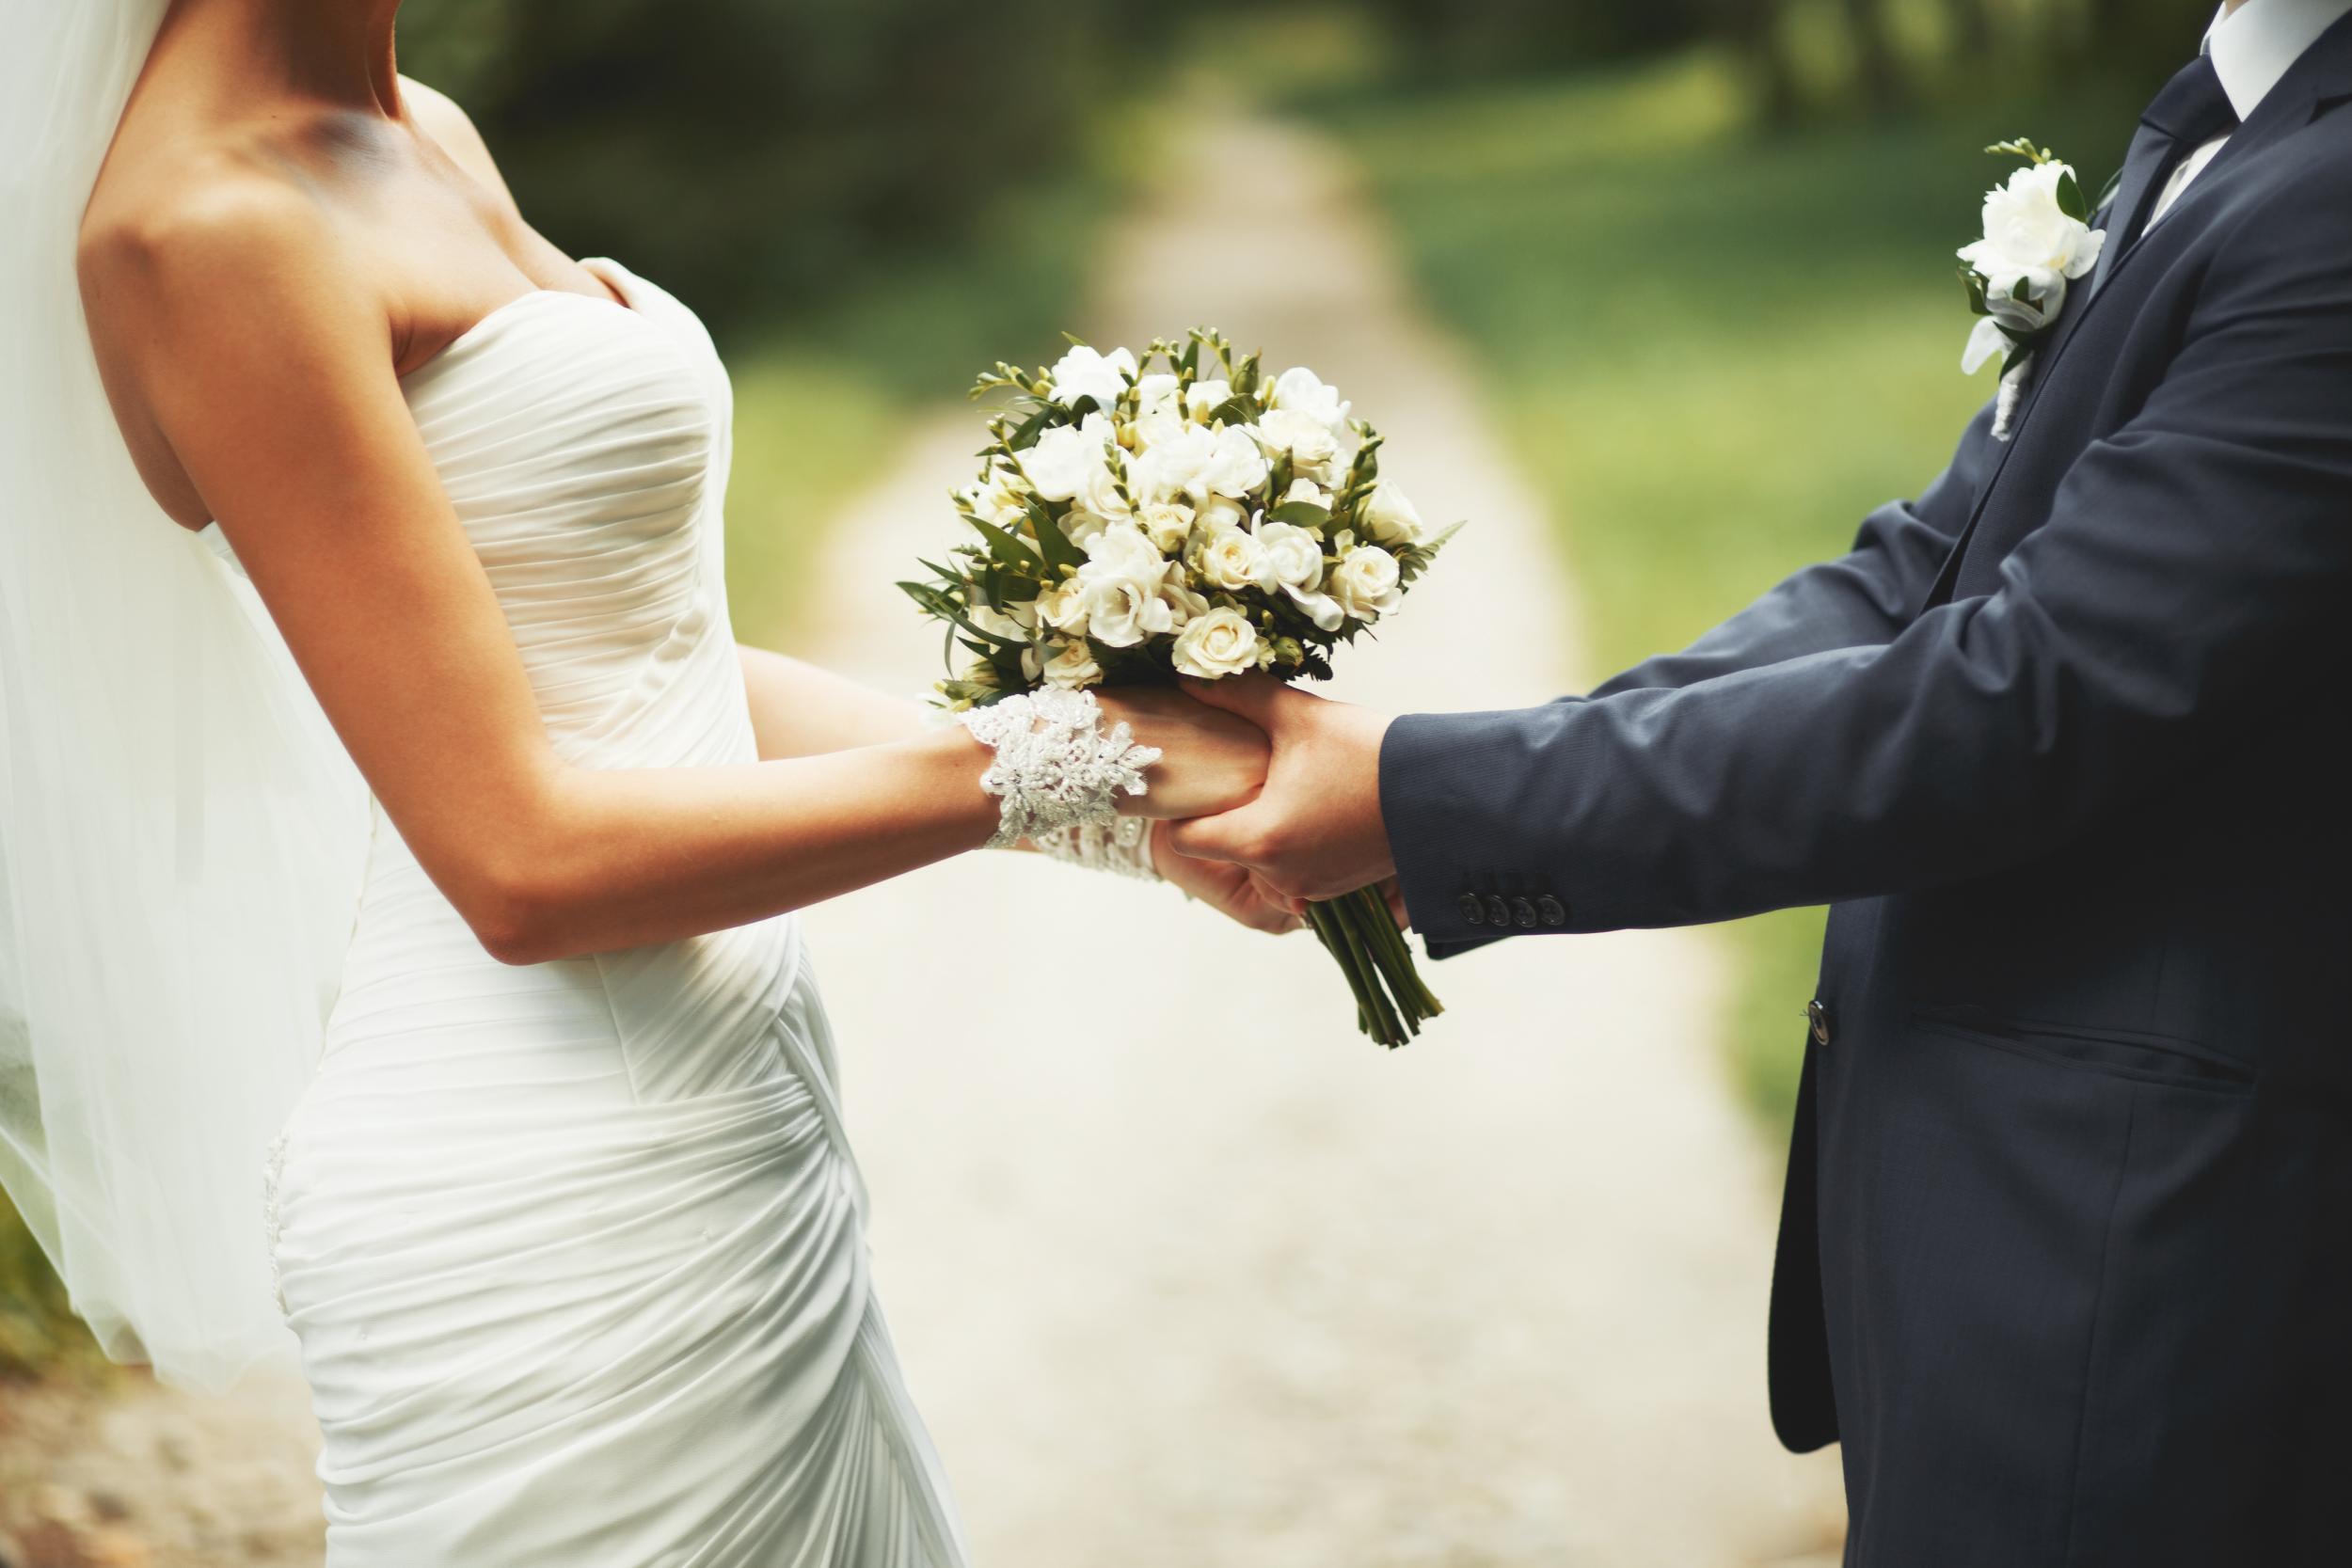 Lấy chồng giàu nhưng khách mời đặc biệt trong đám cưới làm tôi ám ảnh